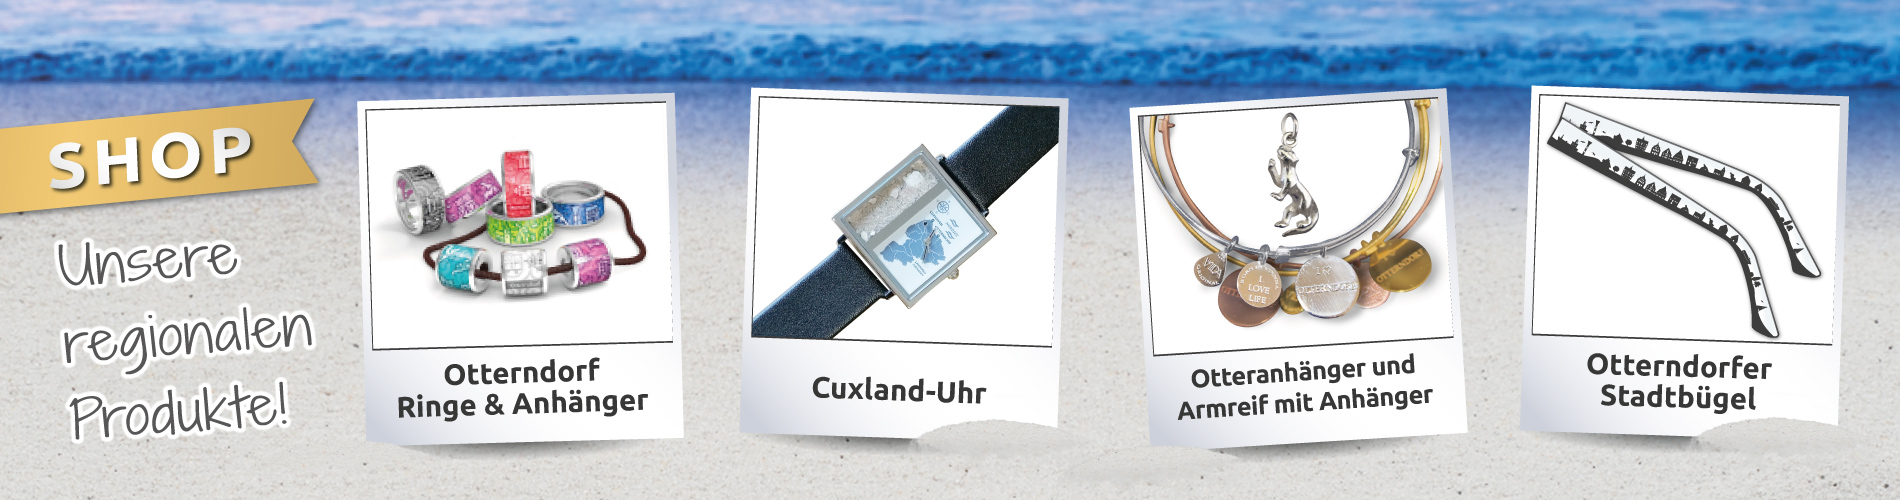 Shop mit regionalen Otterndorf Produkten